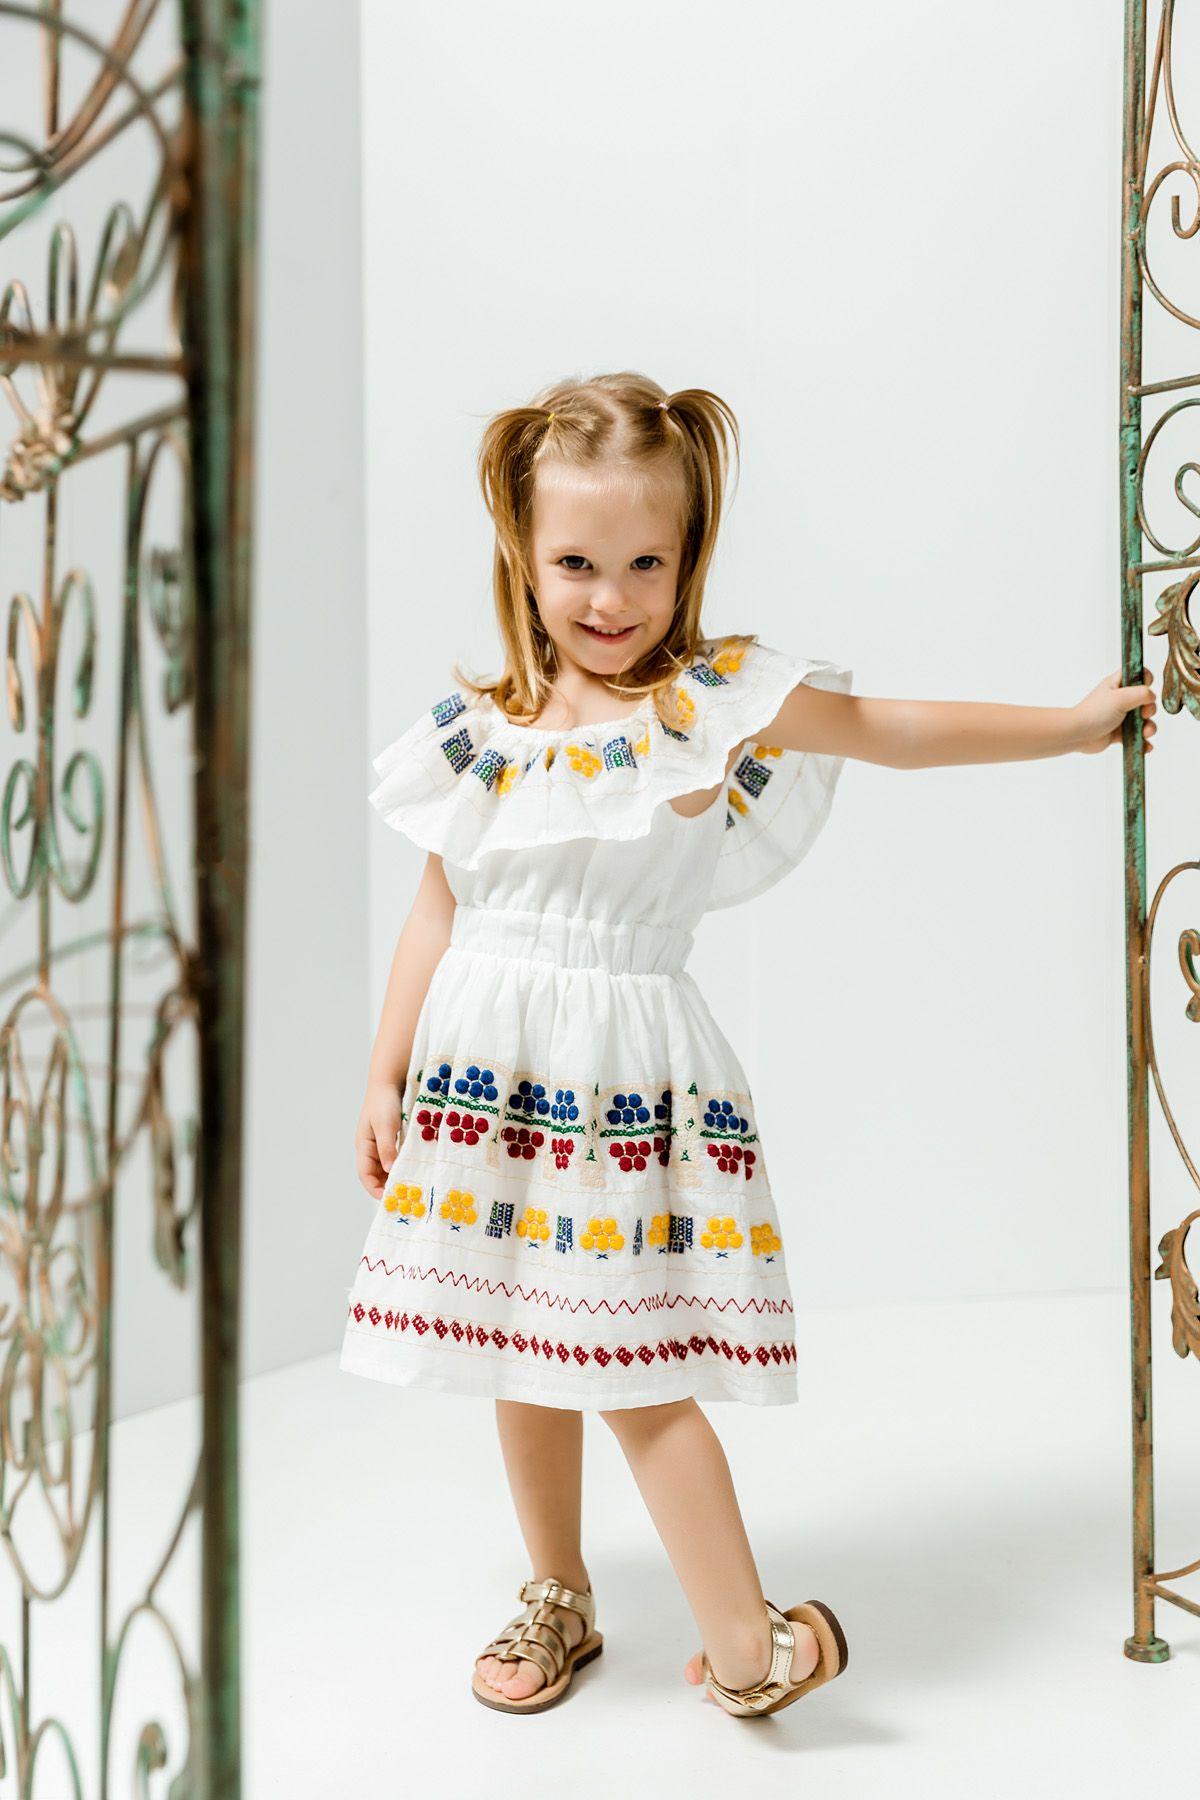 Παραδοσιακό πολύχρωμο φόρεμα με ανάγλυφο κέντημα